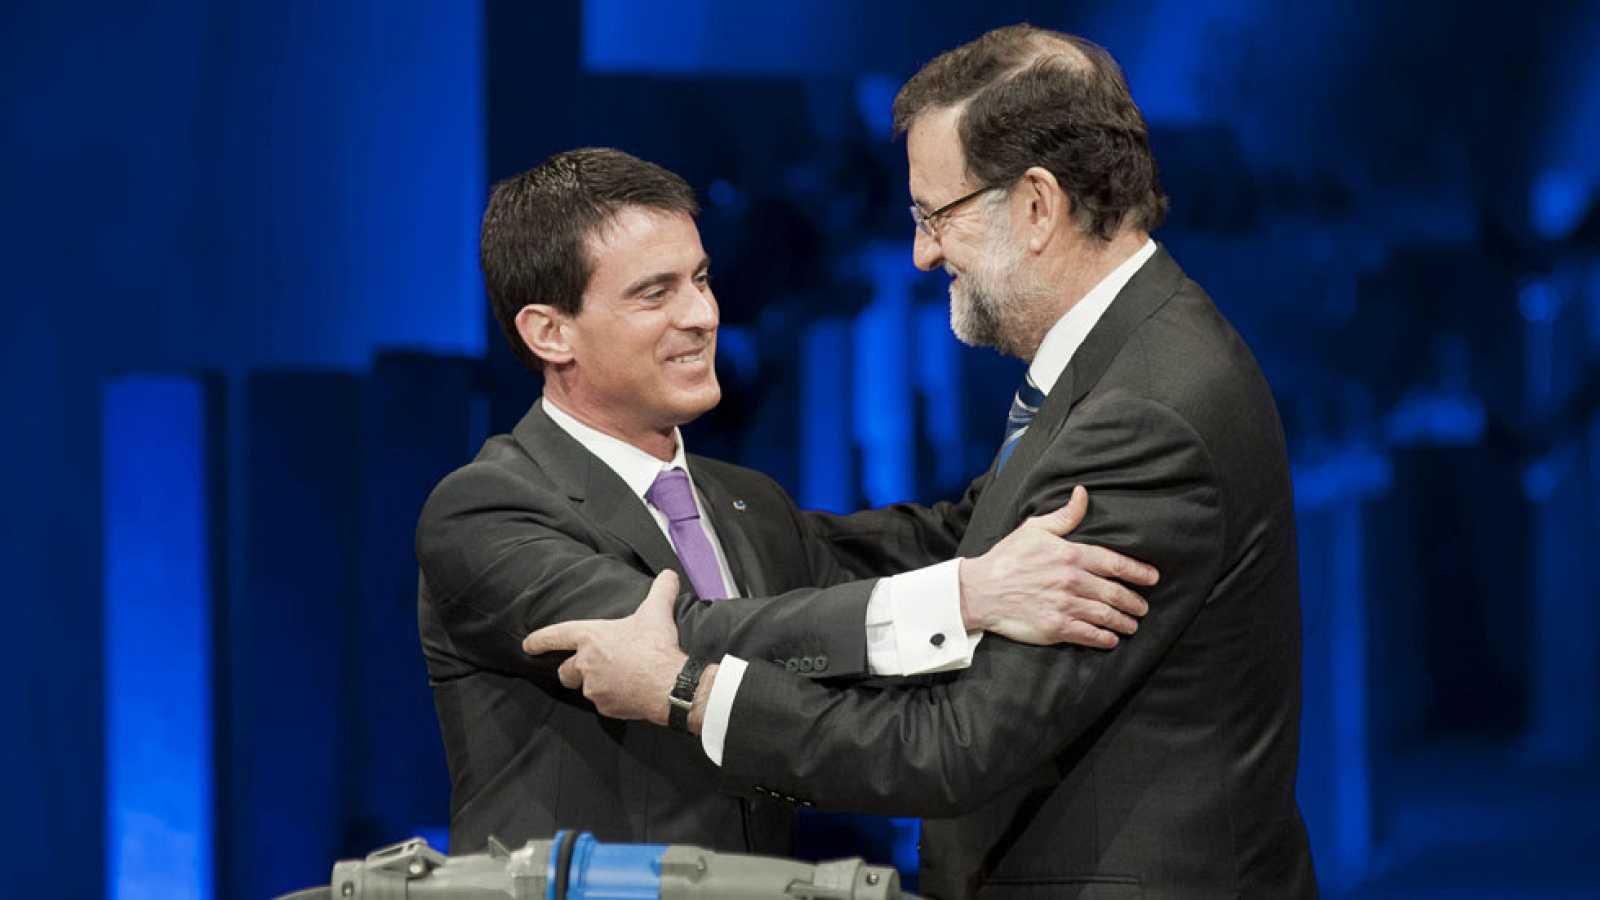 Rajoy y Valls inauguran la línea soterrada más larga del mundo que une Figueras y Perpiñán